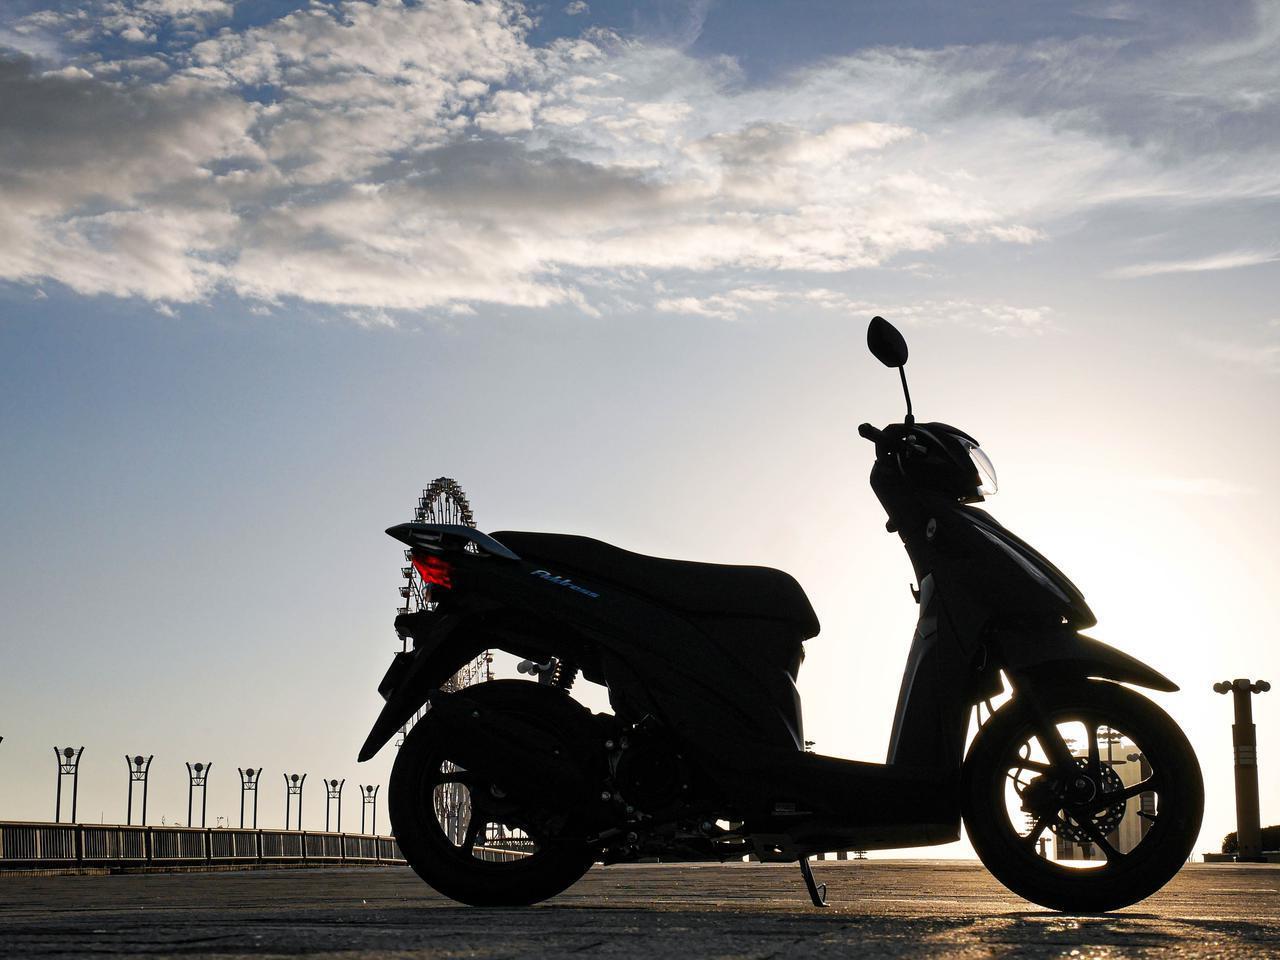 画像: 【ラクちん編】気が付かないレベルで『ラク』がいっぱい仕込んである! スズキ『アドレス110』は気配りの原付二種スクーターでした - スズキのバイク!